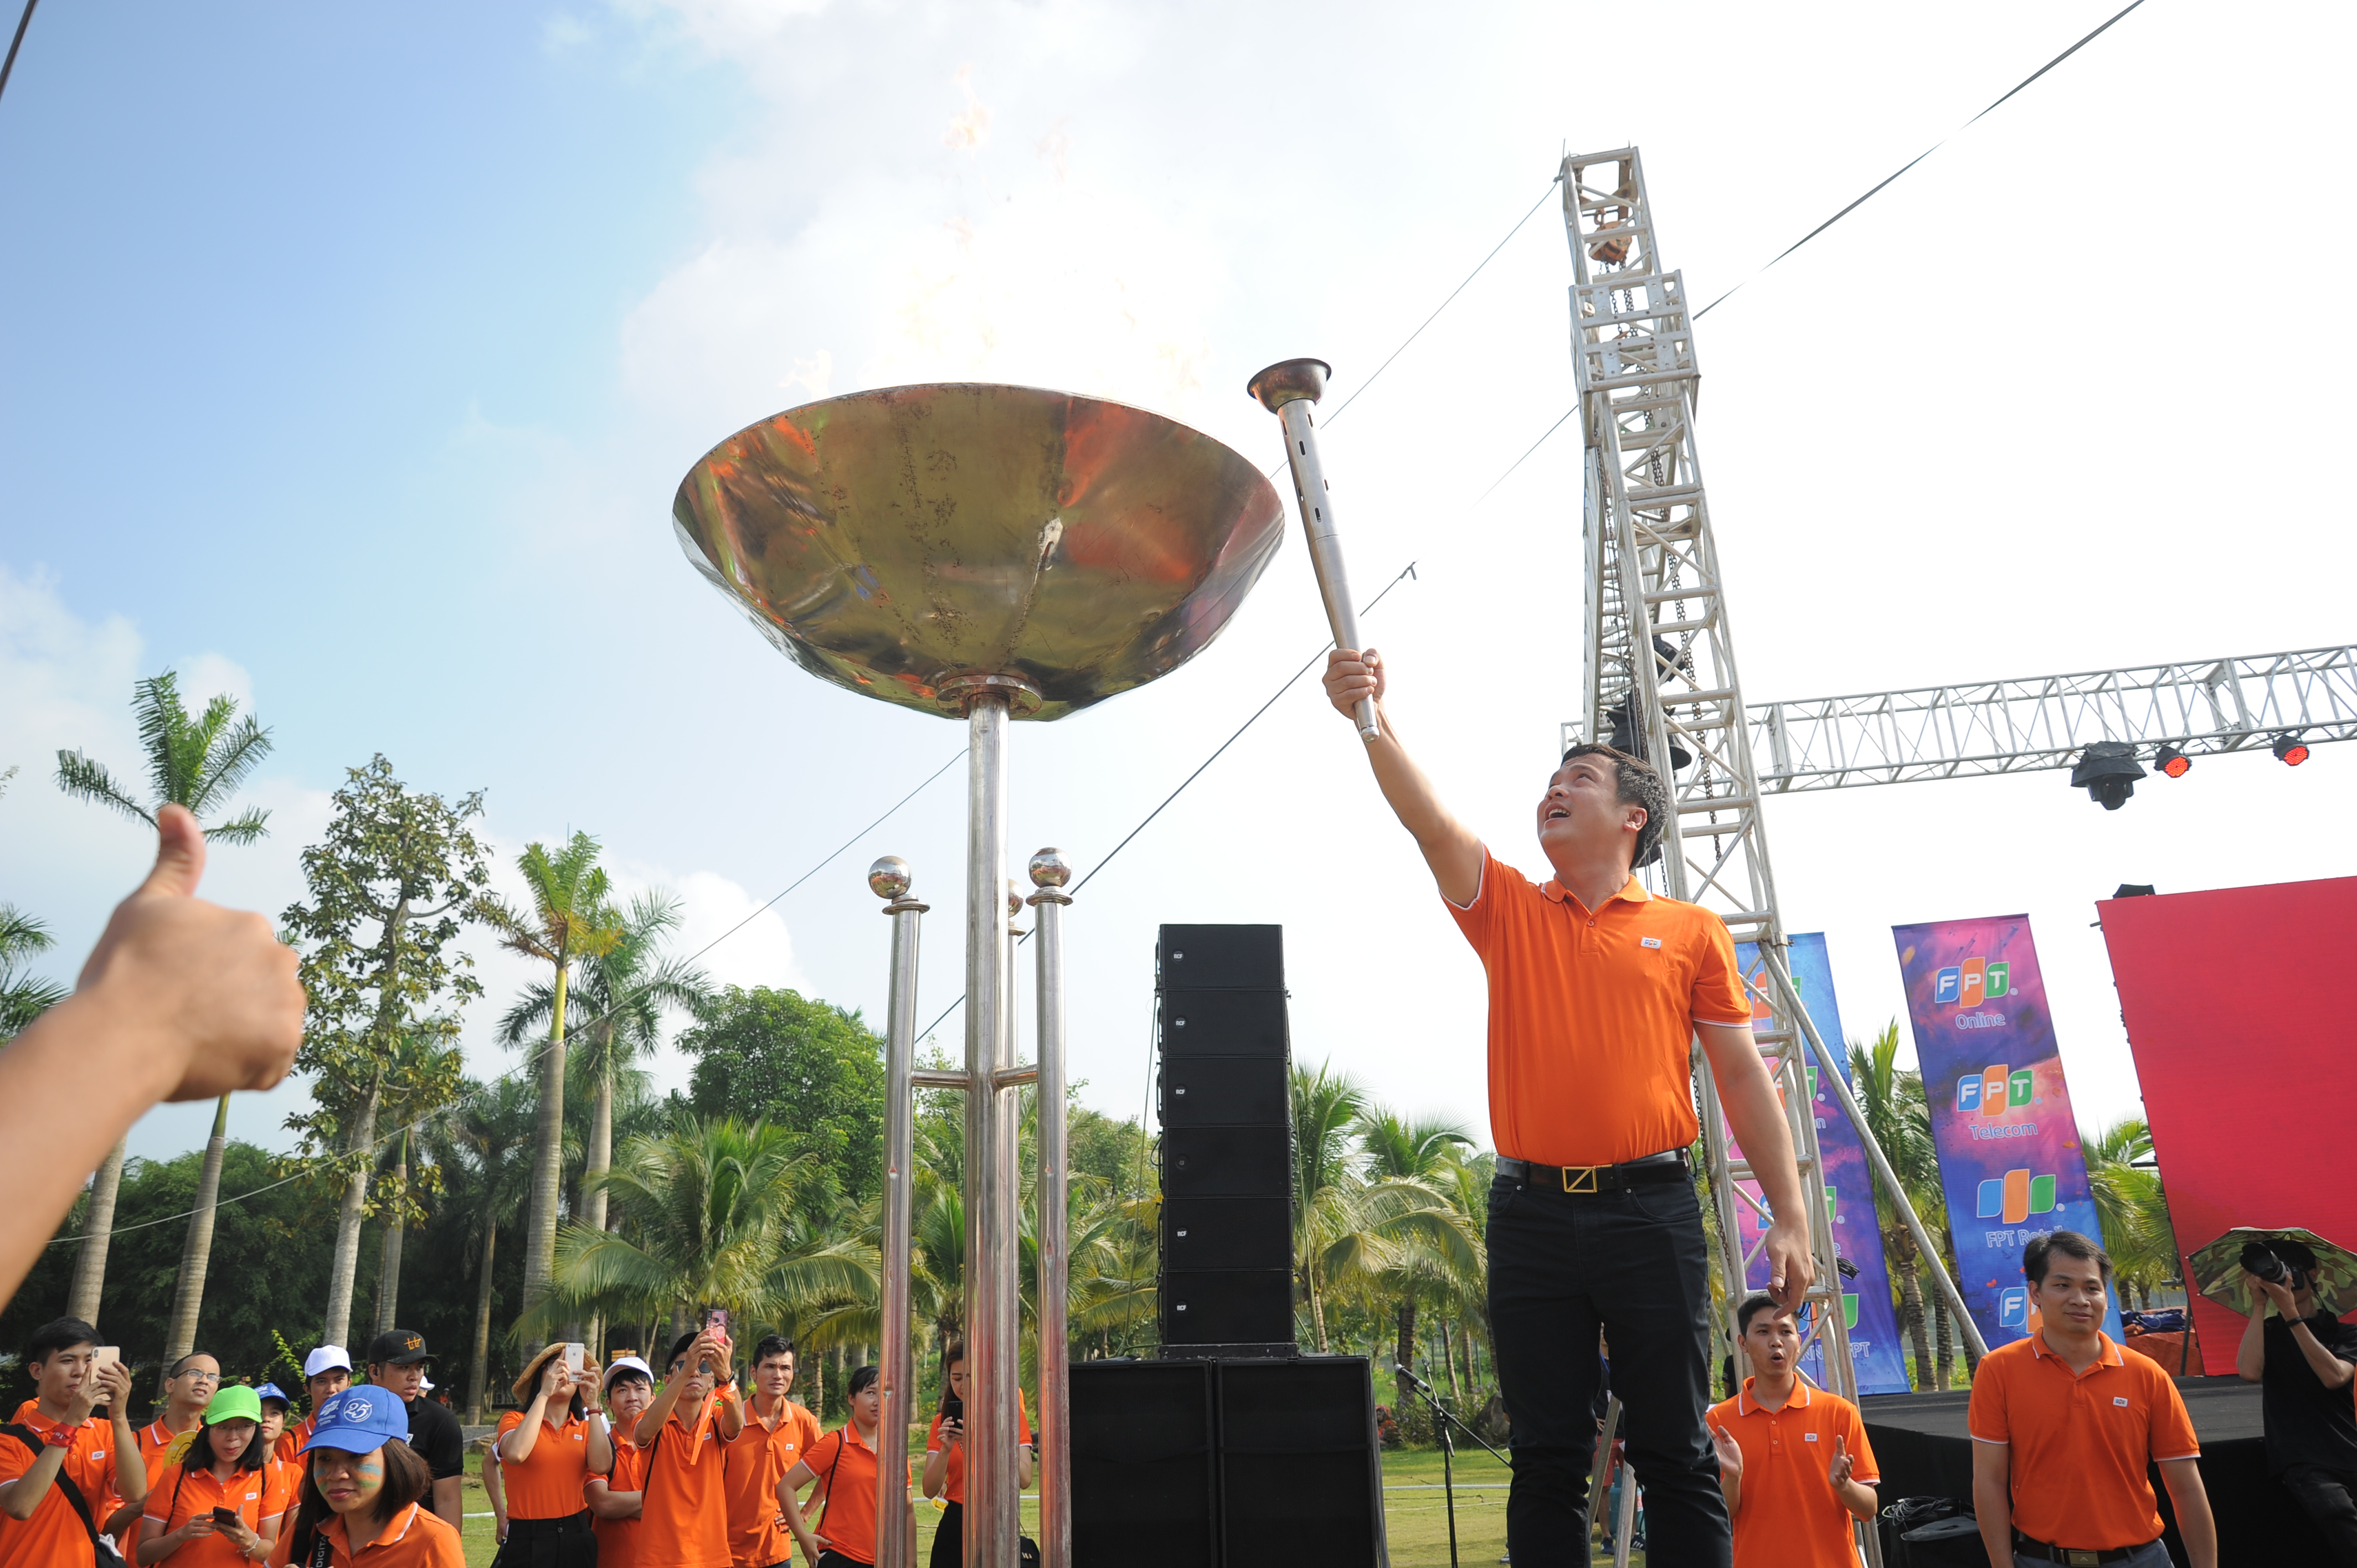 Ba vận động viên cùng mang ngọn đuốc trao cho TGĐ FPT Nguyễn Văn Khoa, thắp lên tinh thần của người F.